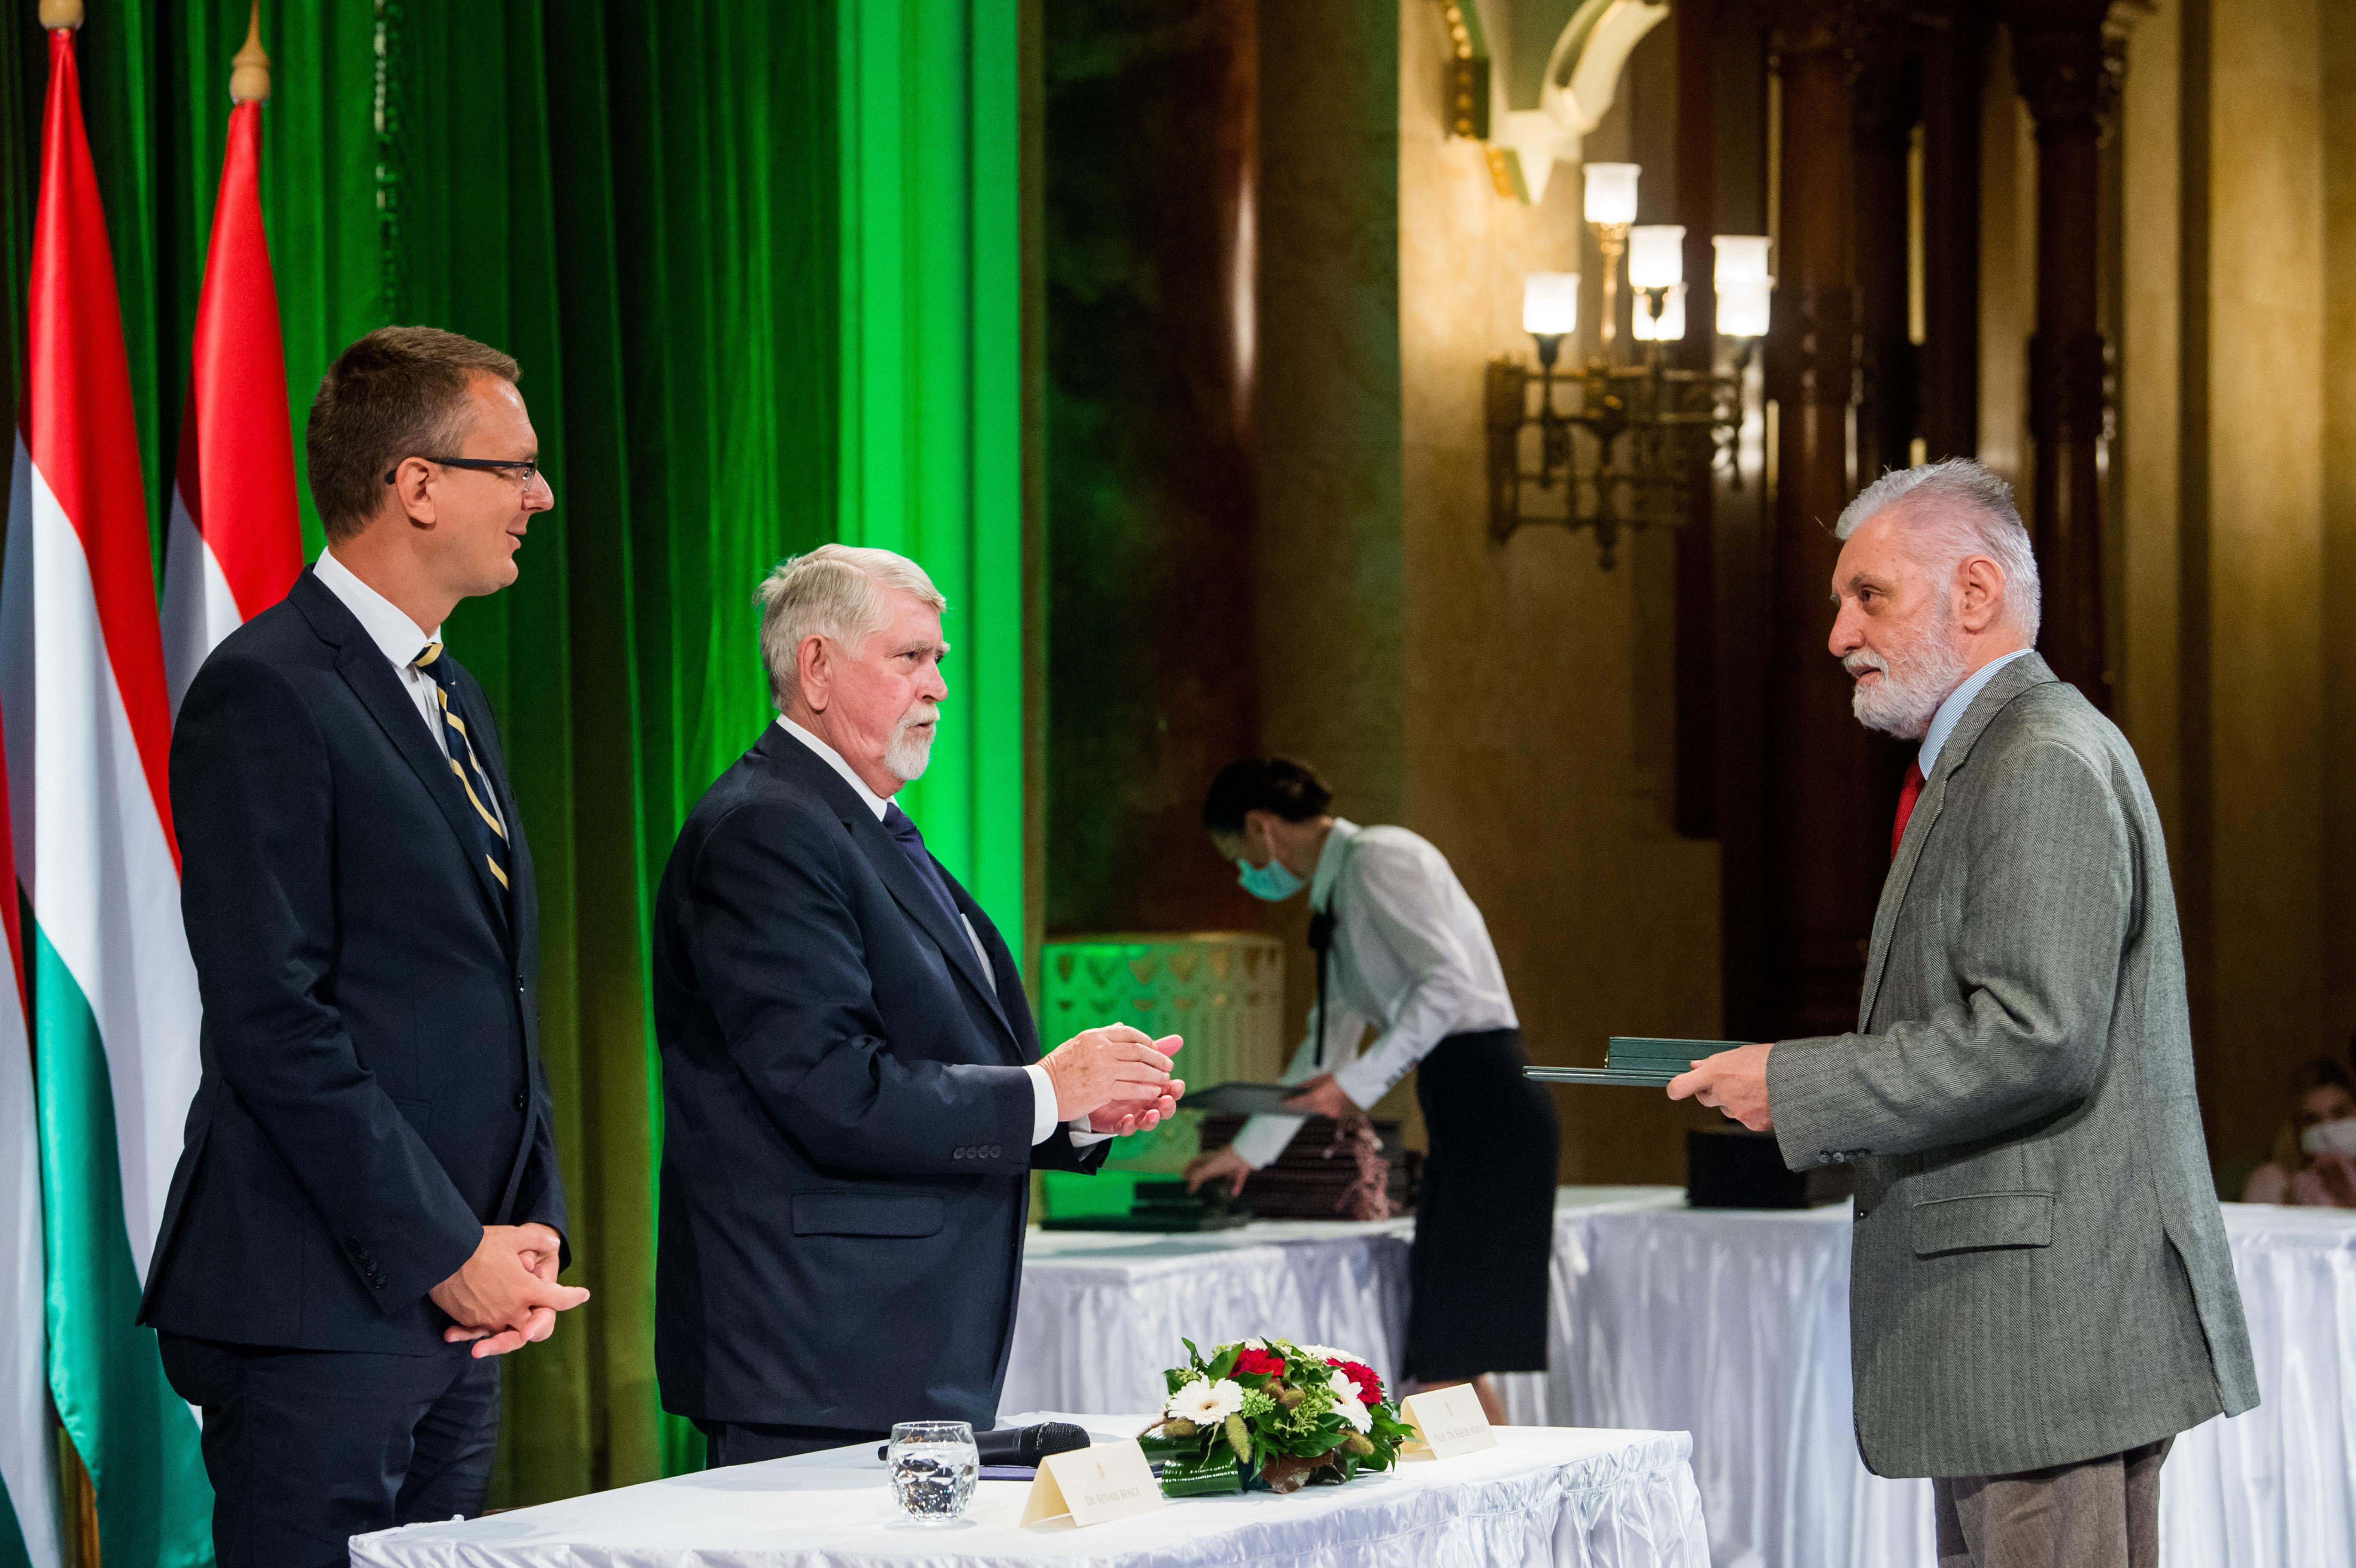 Állami kitüntetést kapott a történész, aki szerint a zsidók kiverték a magyarokat a vagyonukból